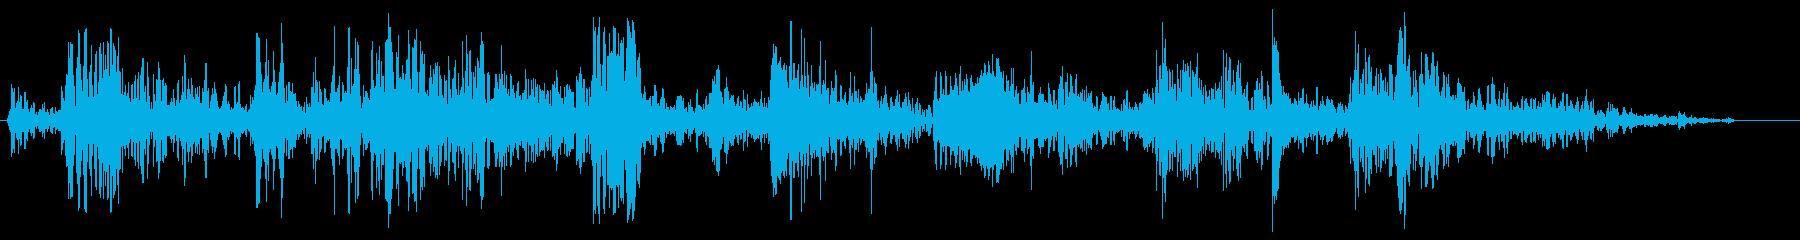 スキューバダイビングの再生済みの波形